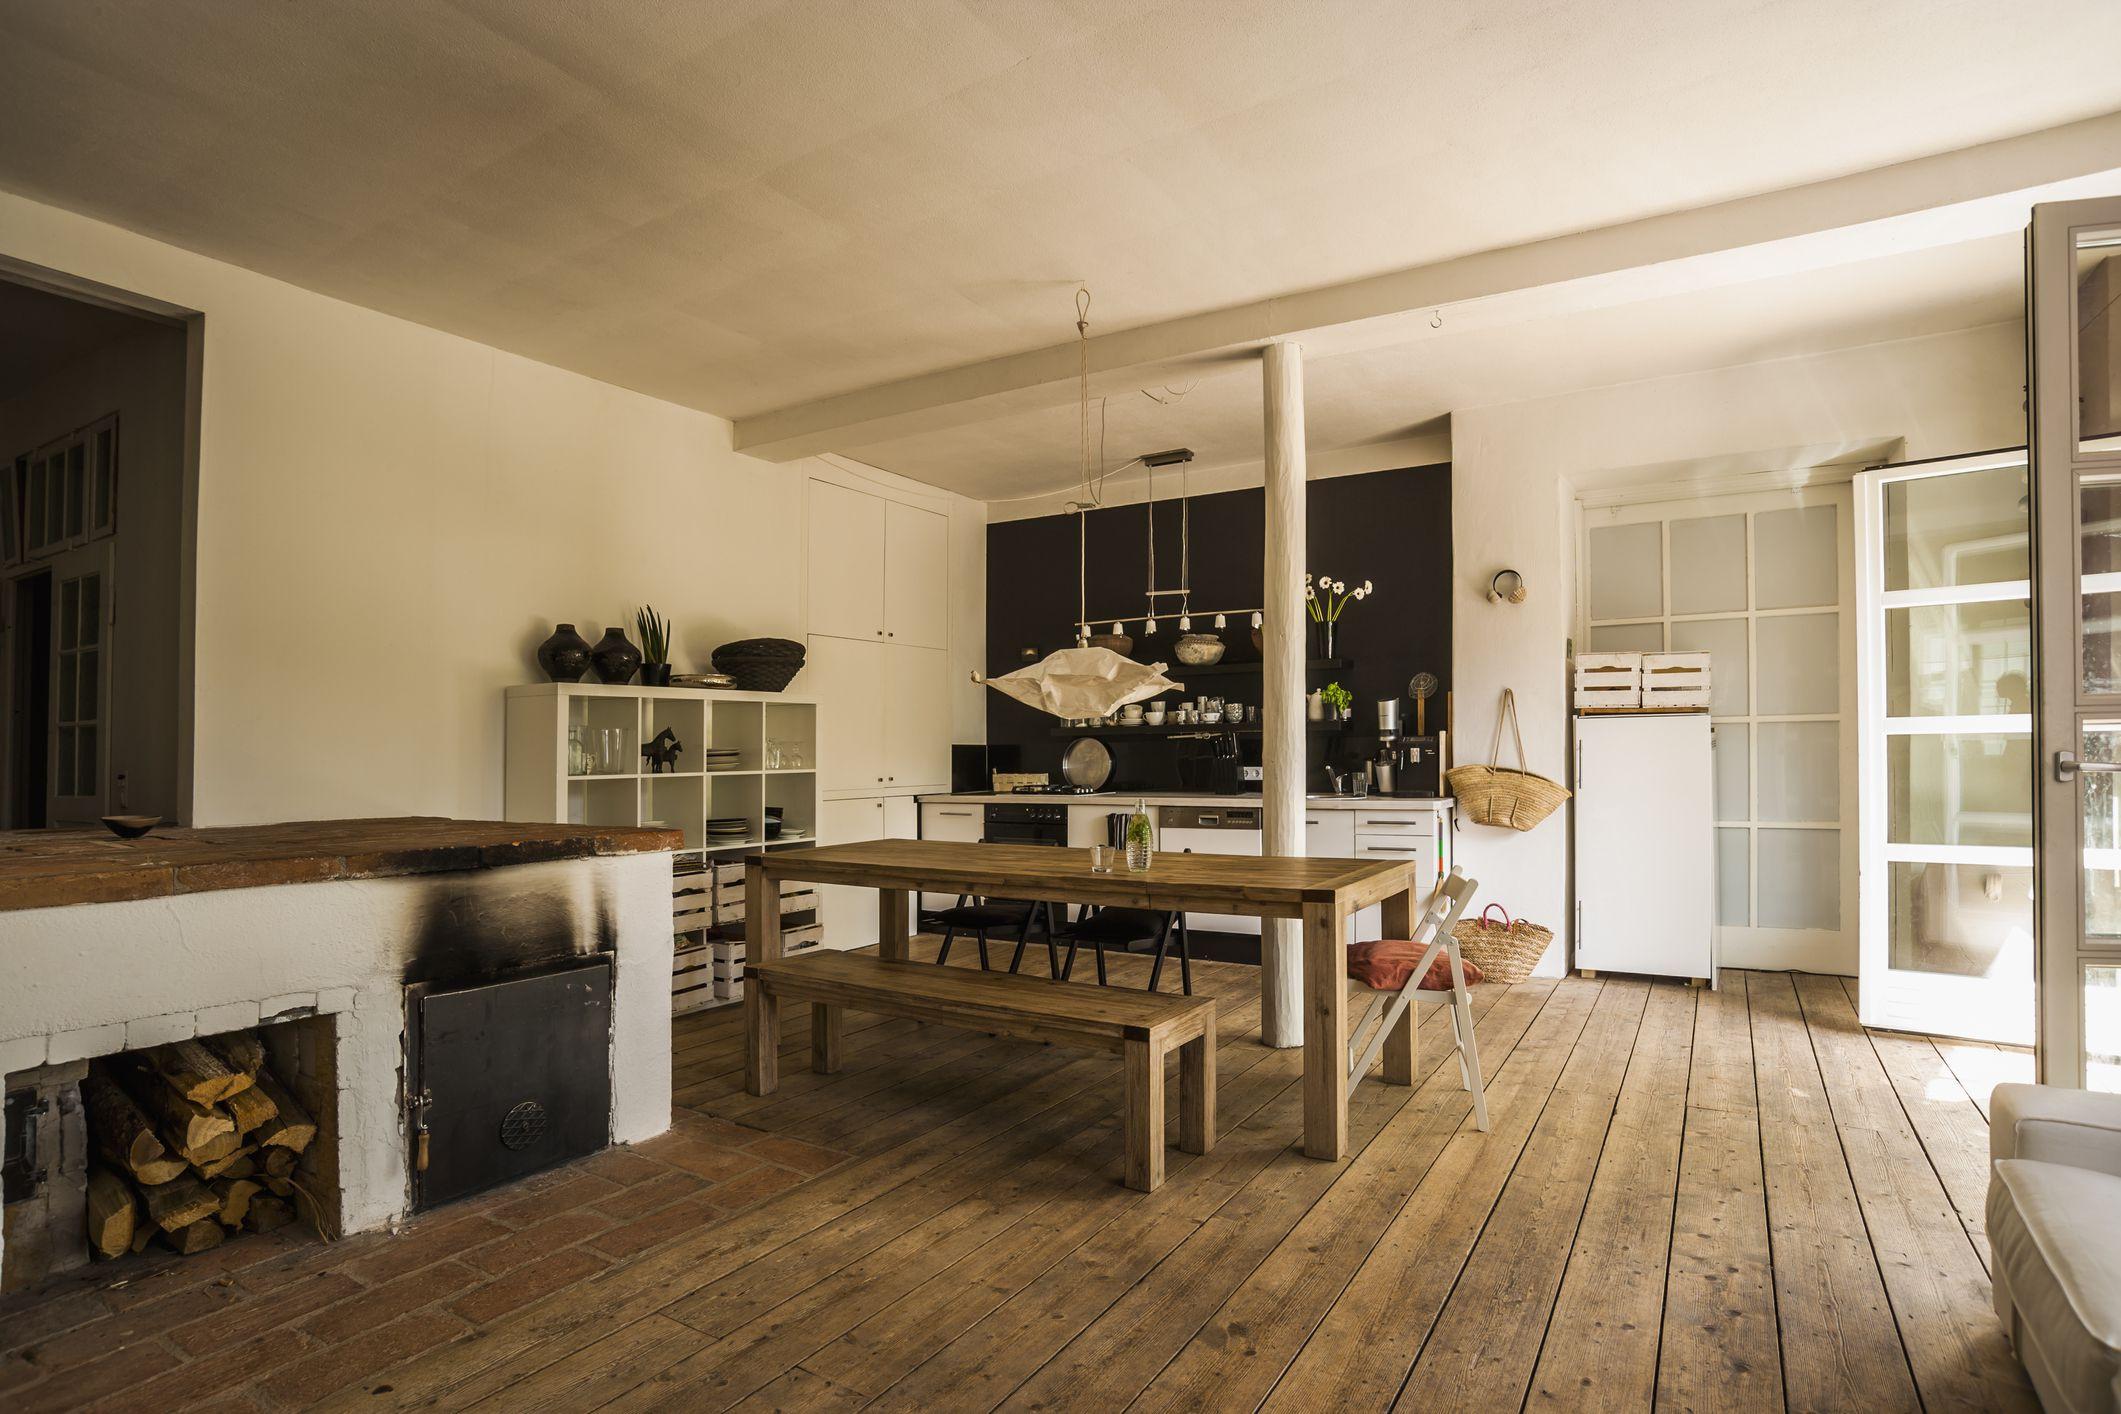 hardwood flooring for sale by owner of vinyl wood flooring versus natural hardwood in diningroom woodenfloor gettyimages 544546775 590e57565f9b58647043440a